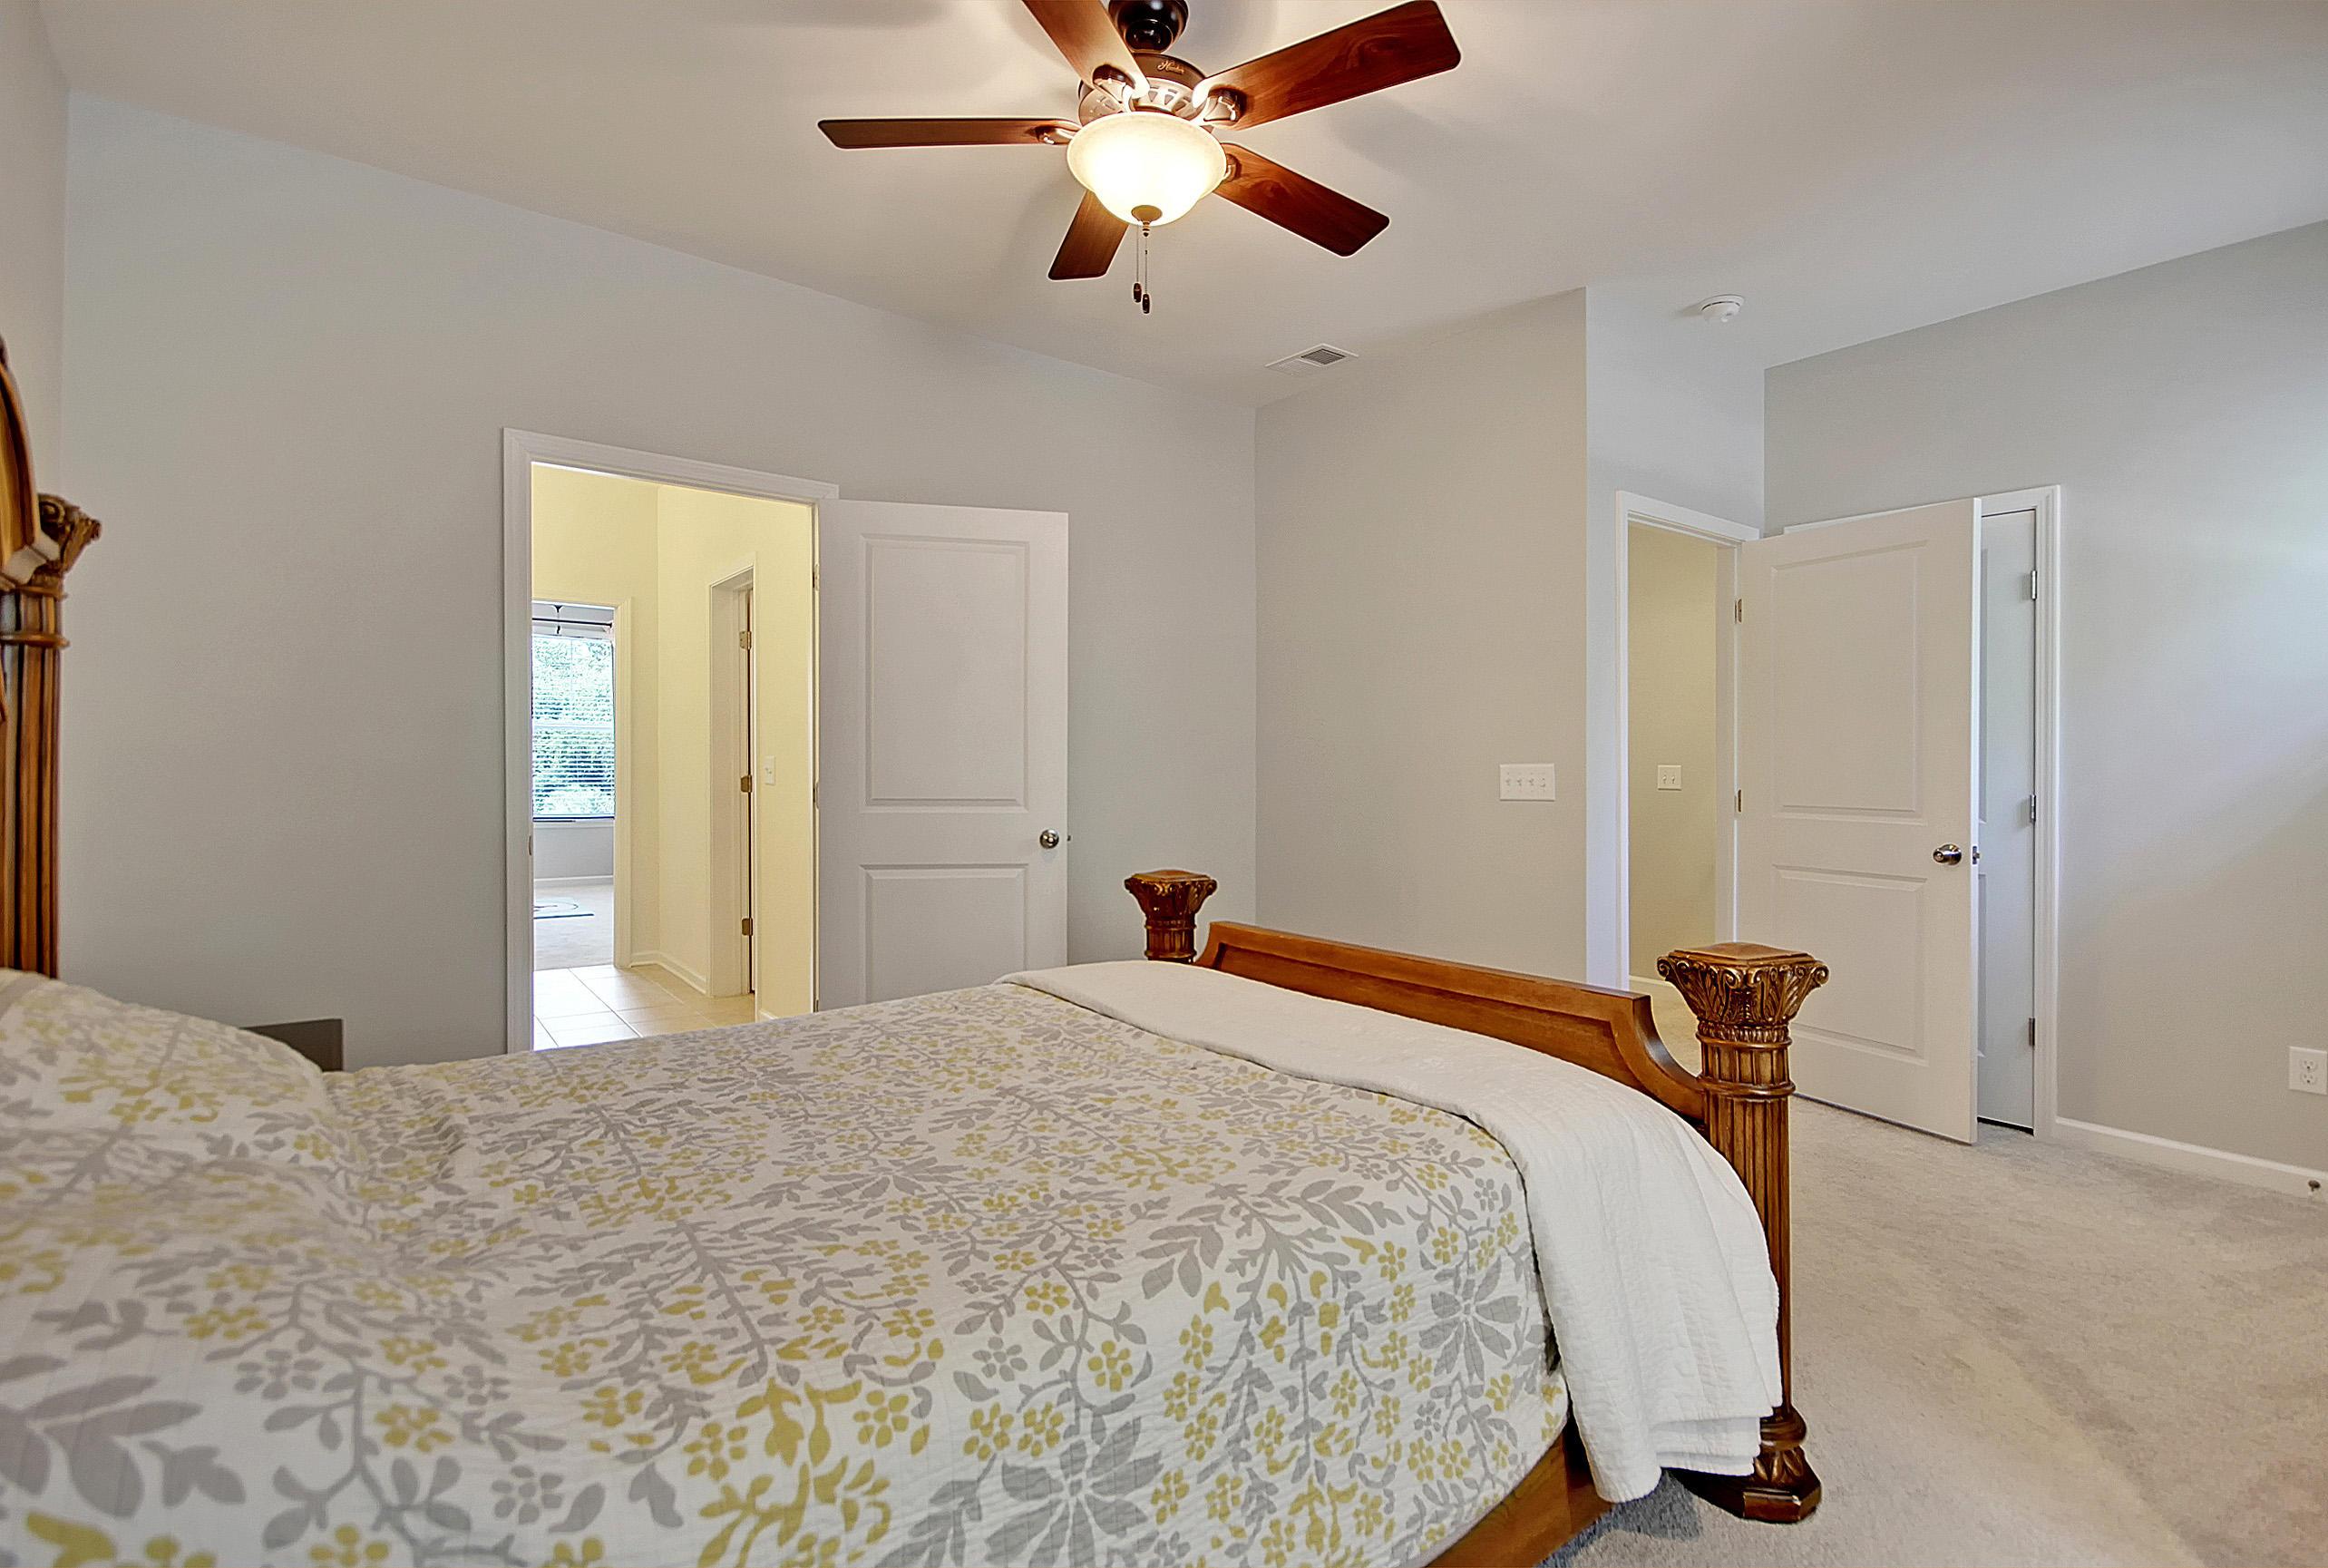 Royal Palms Homes For Sale - 1273 Dingle, Mount Pleasant, SC - 3